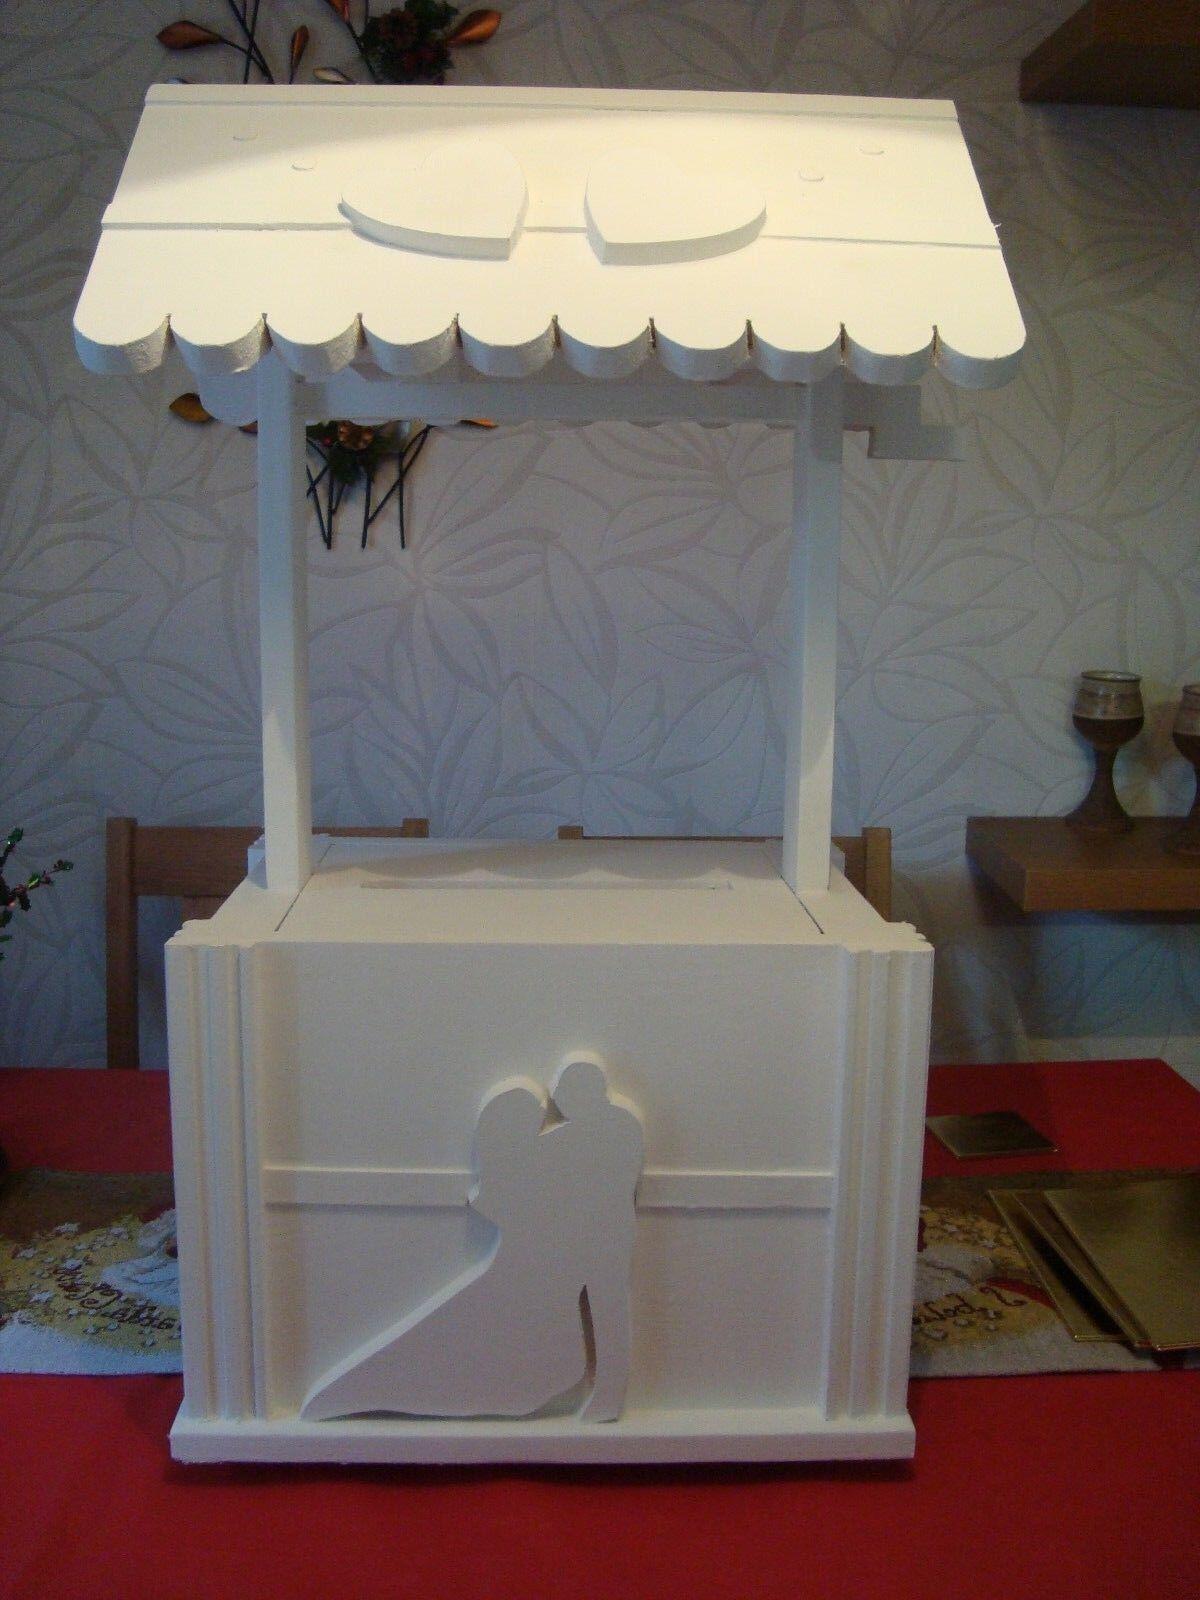 Mariage Wishing Well for sale,, plus silhouettes de couple. livraison gratuite au Royaume-Uni -